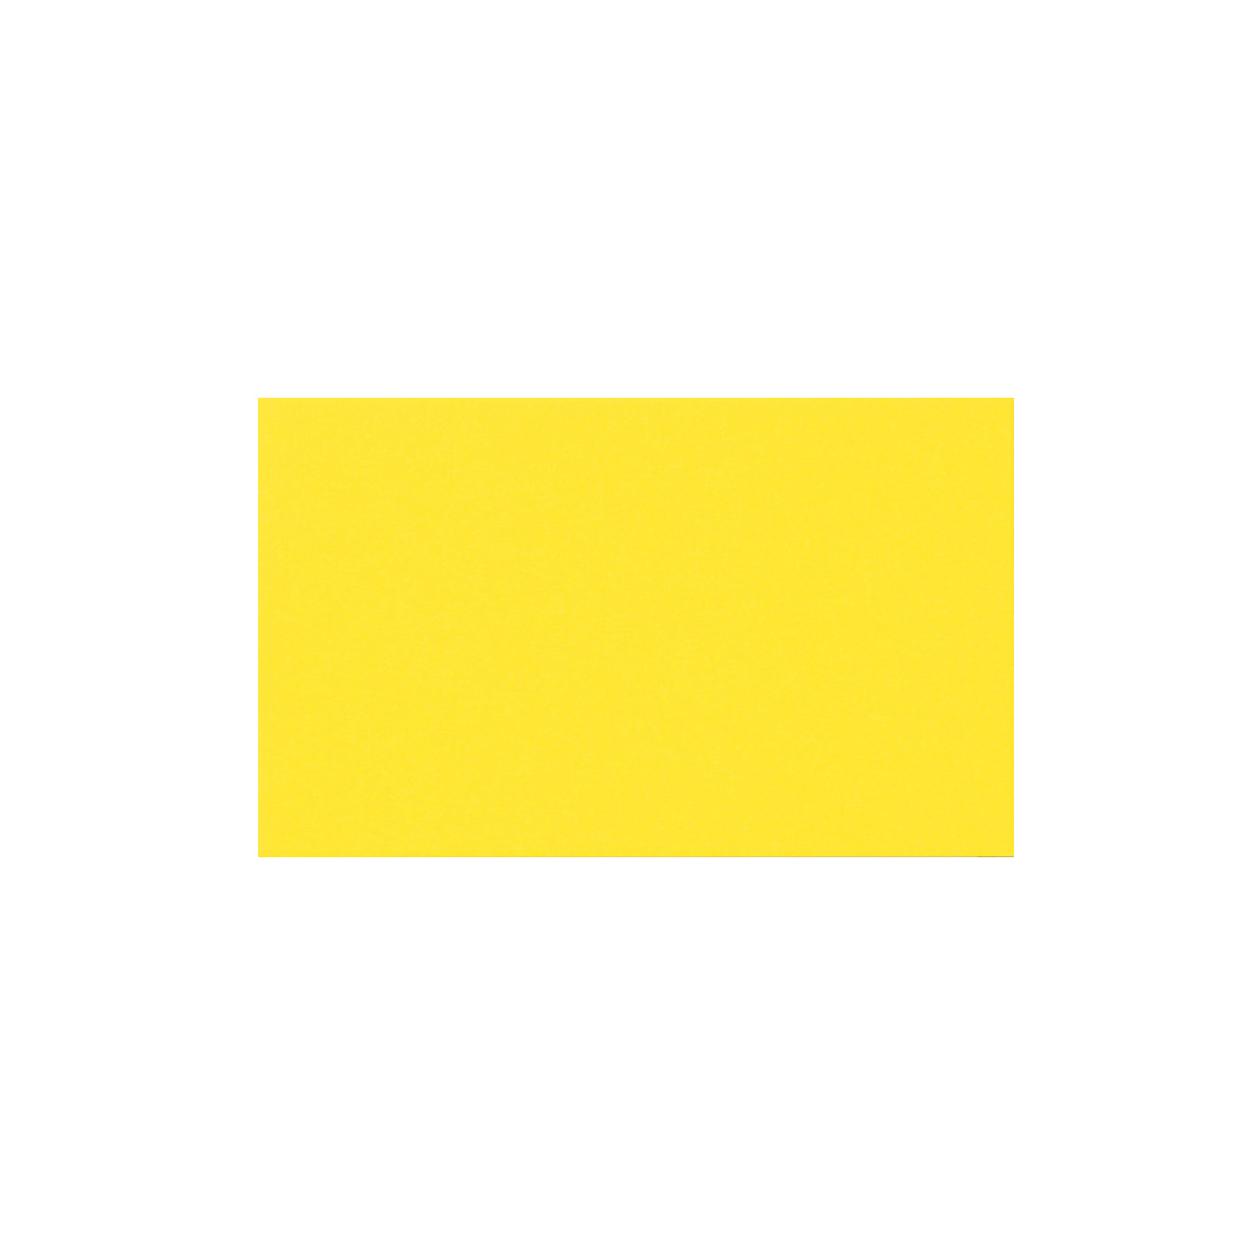 ネームカード コットン(NTラシャ) ひまわり 151.2g